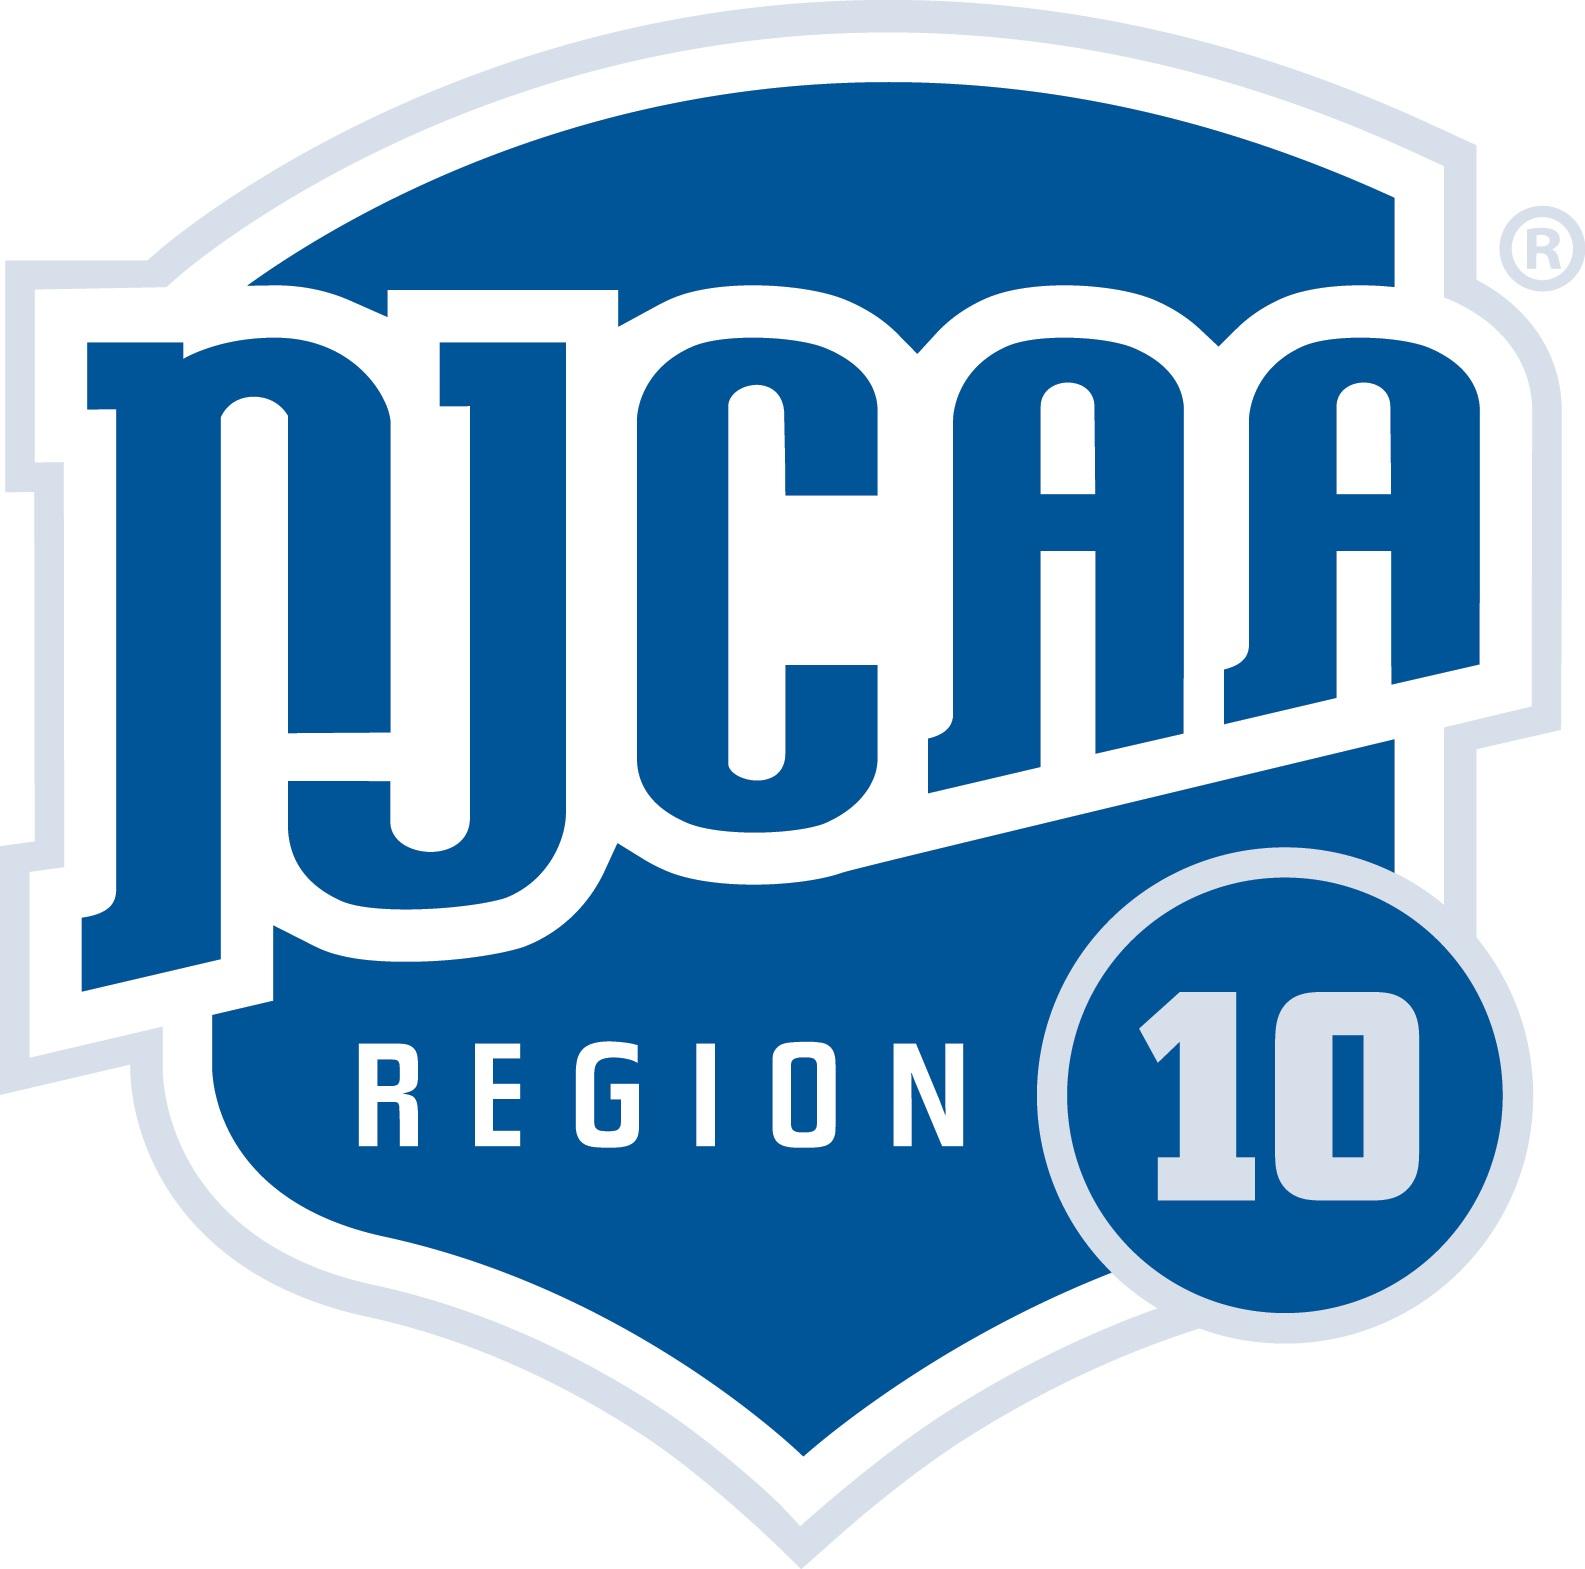 2020 Region 10 Logo